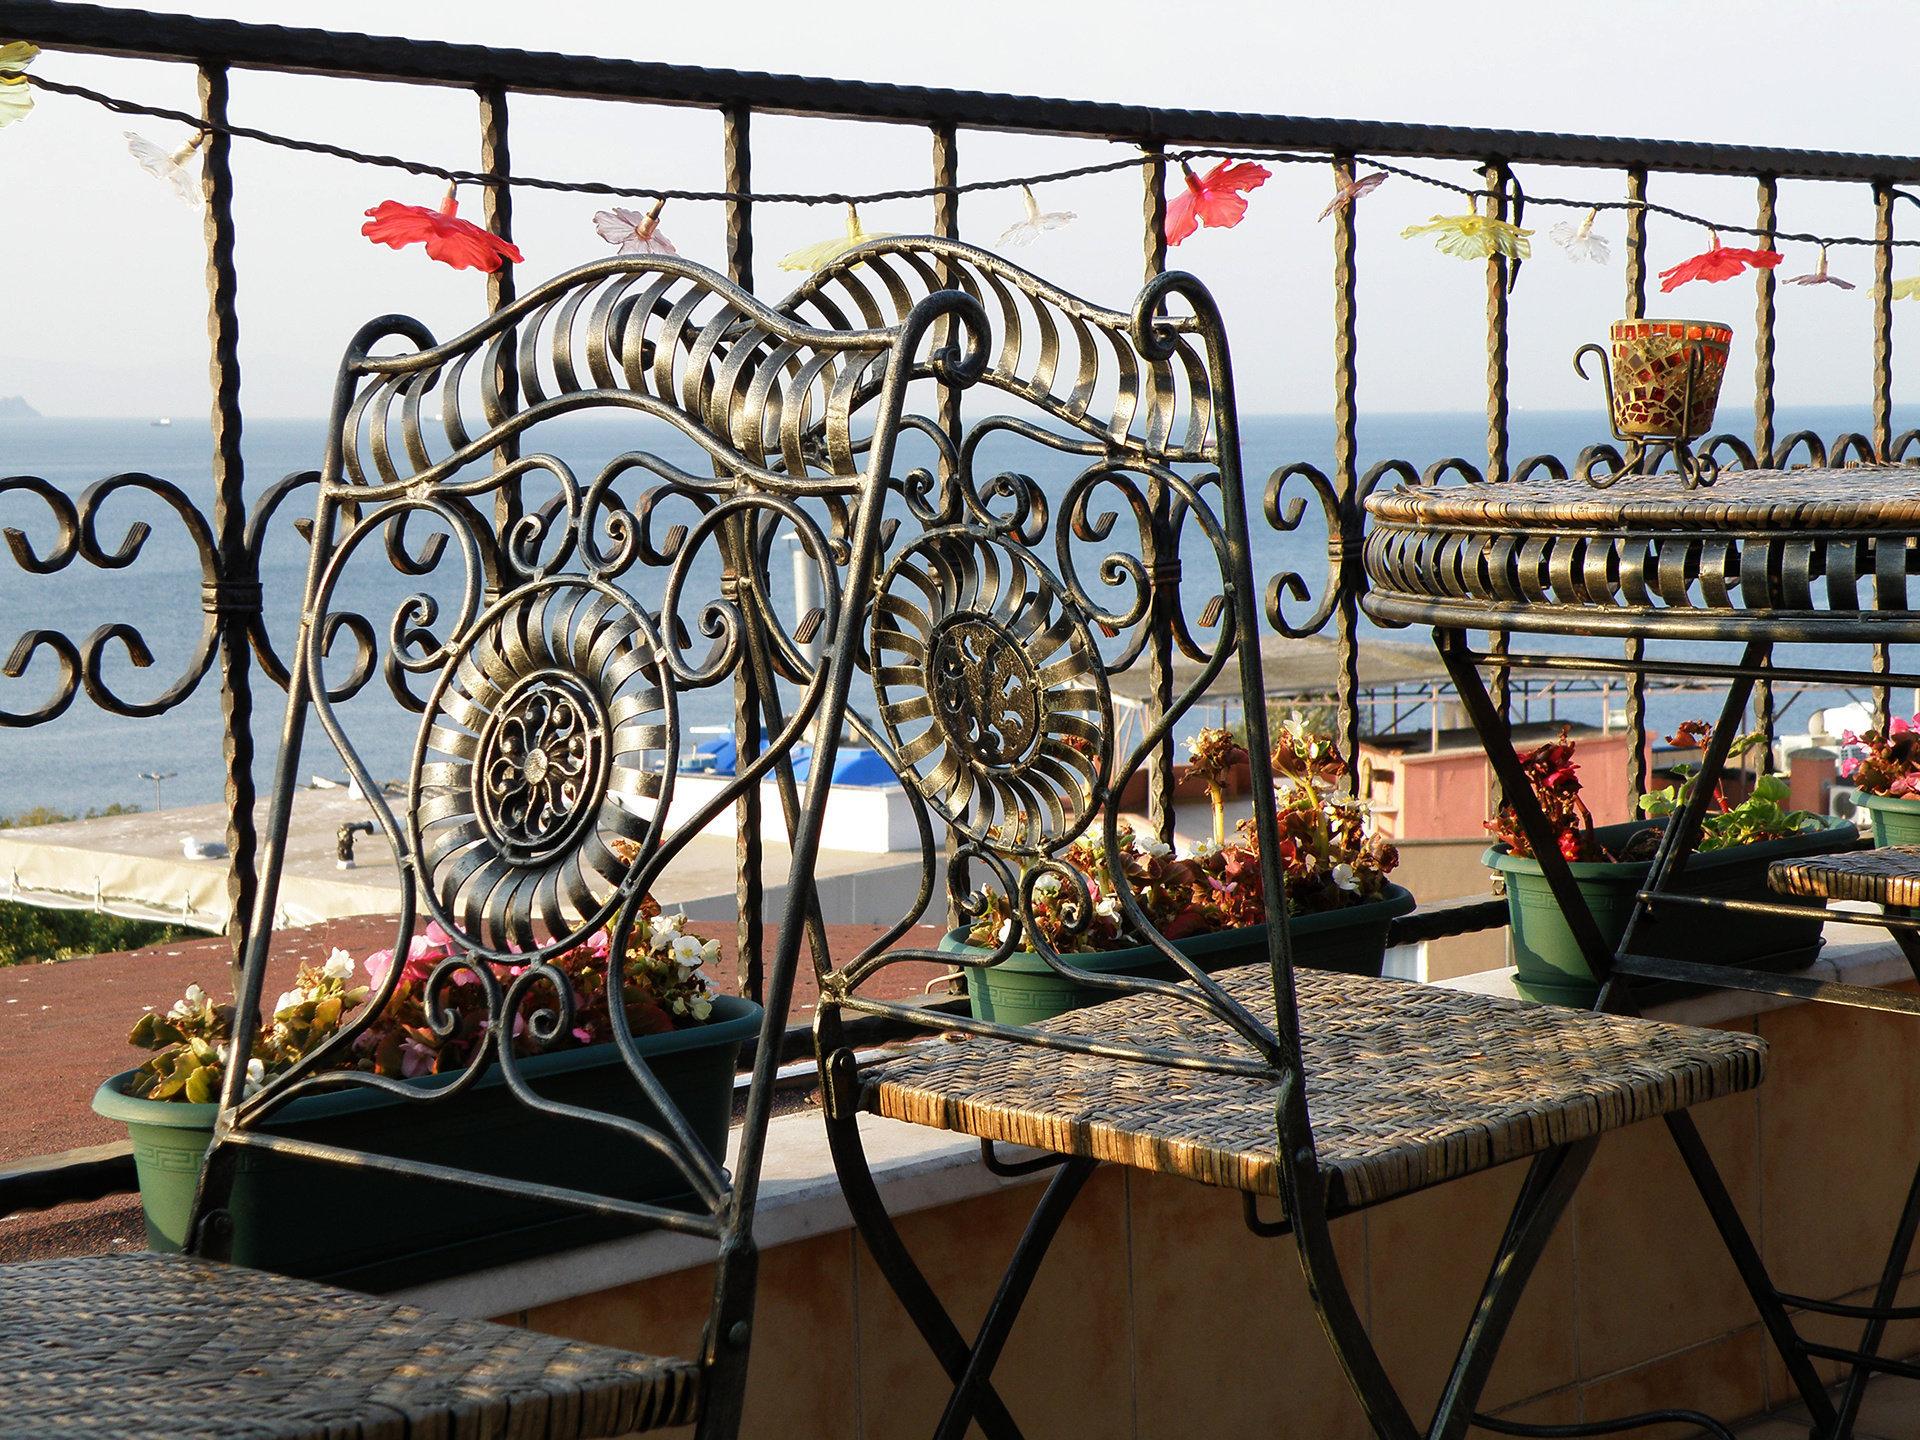 Overlooking the Marmara